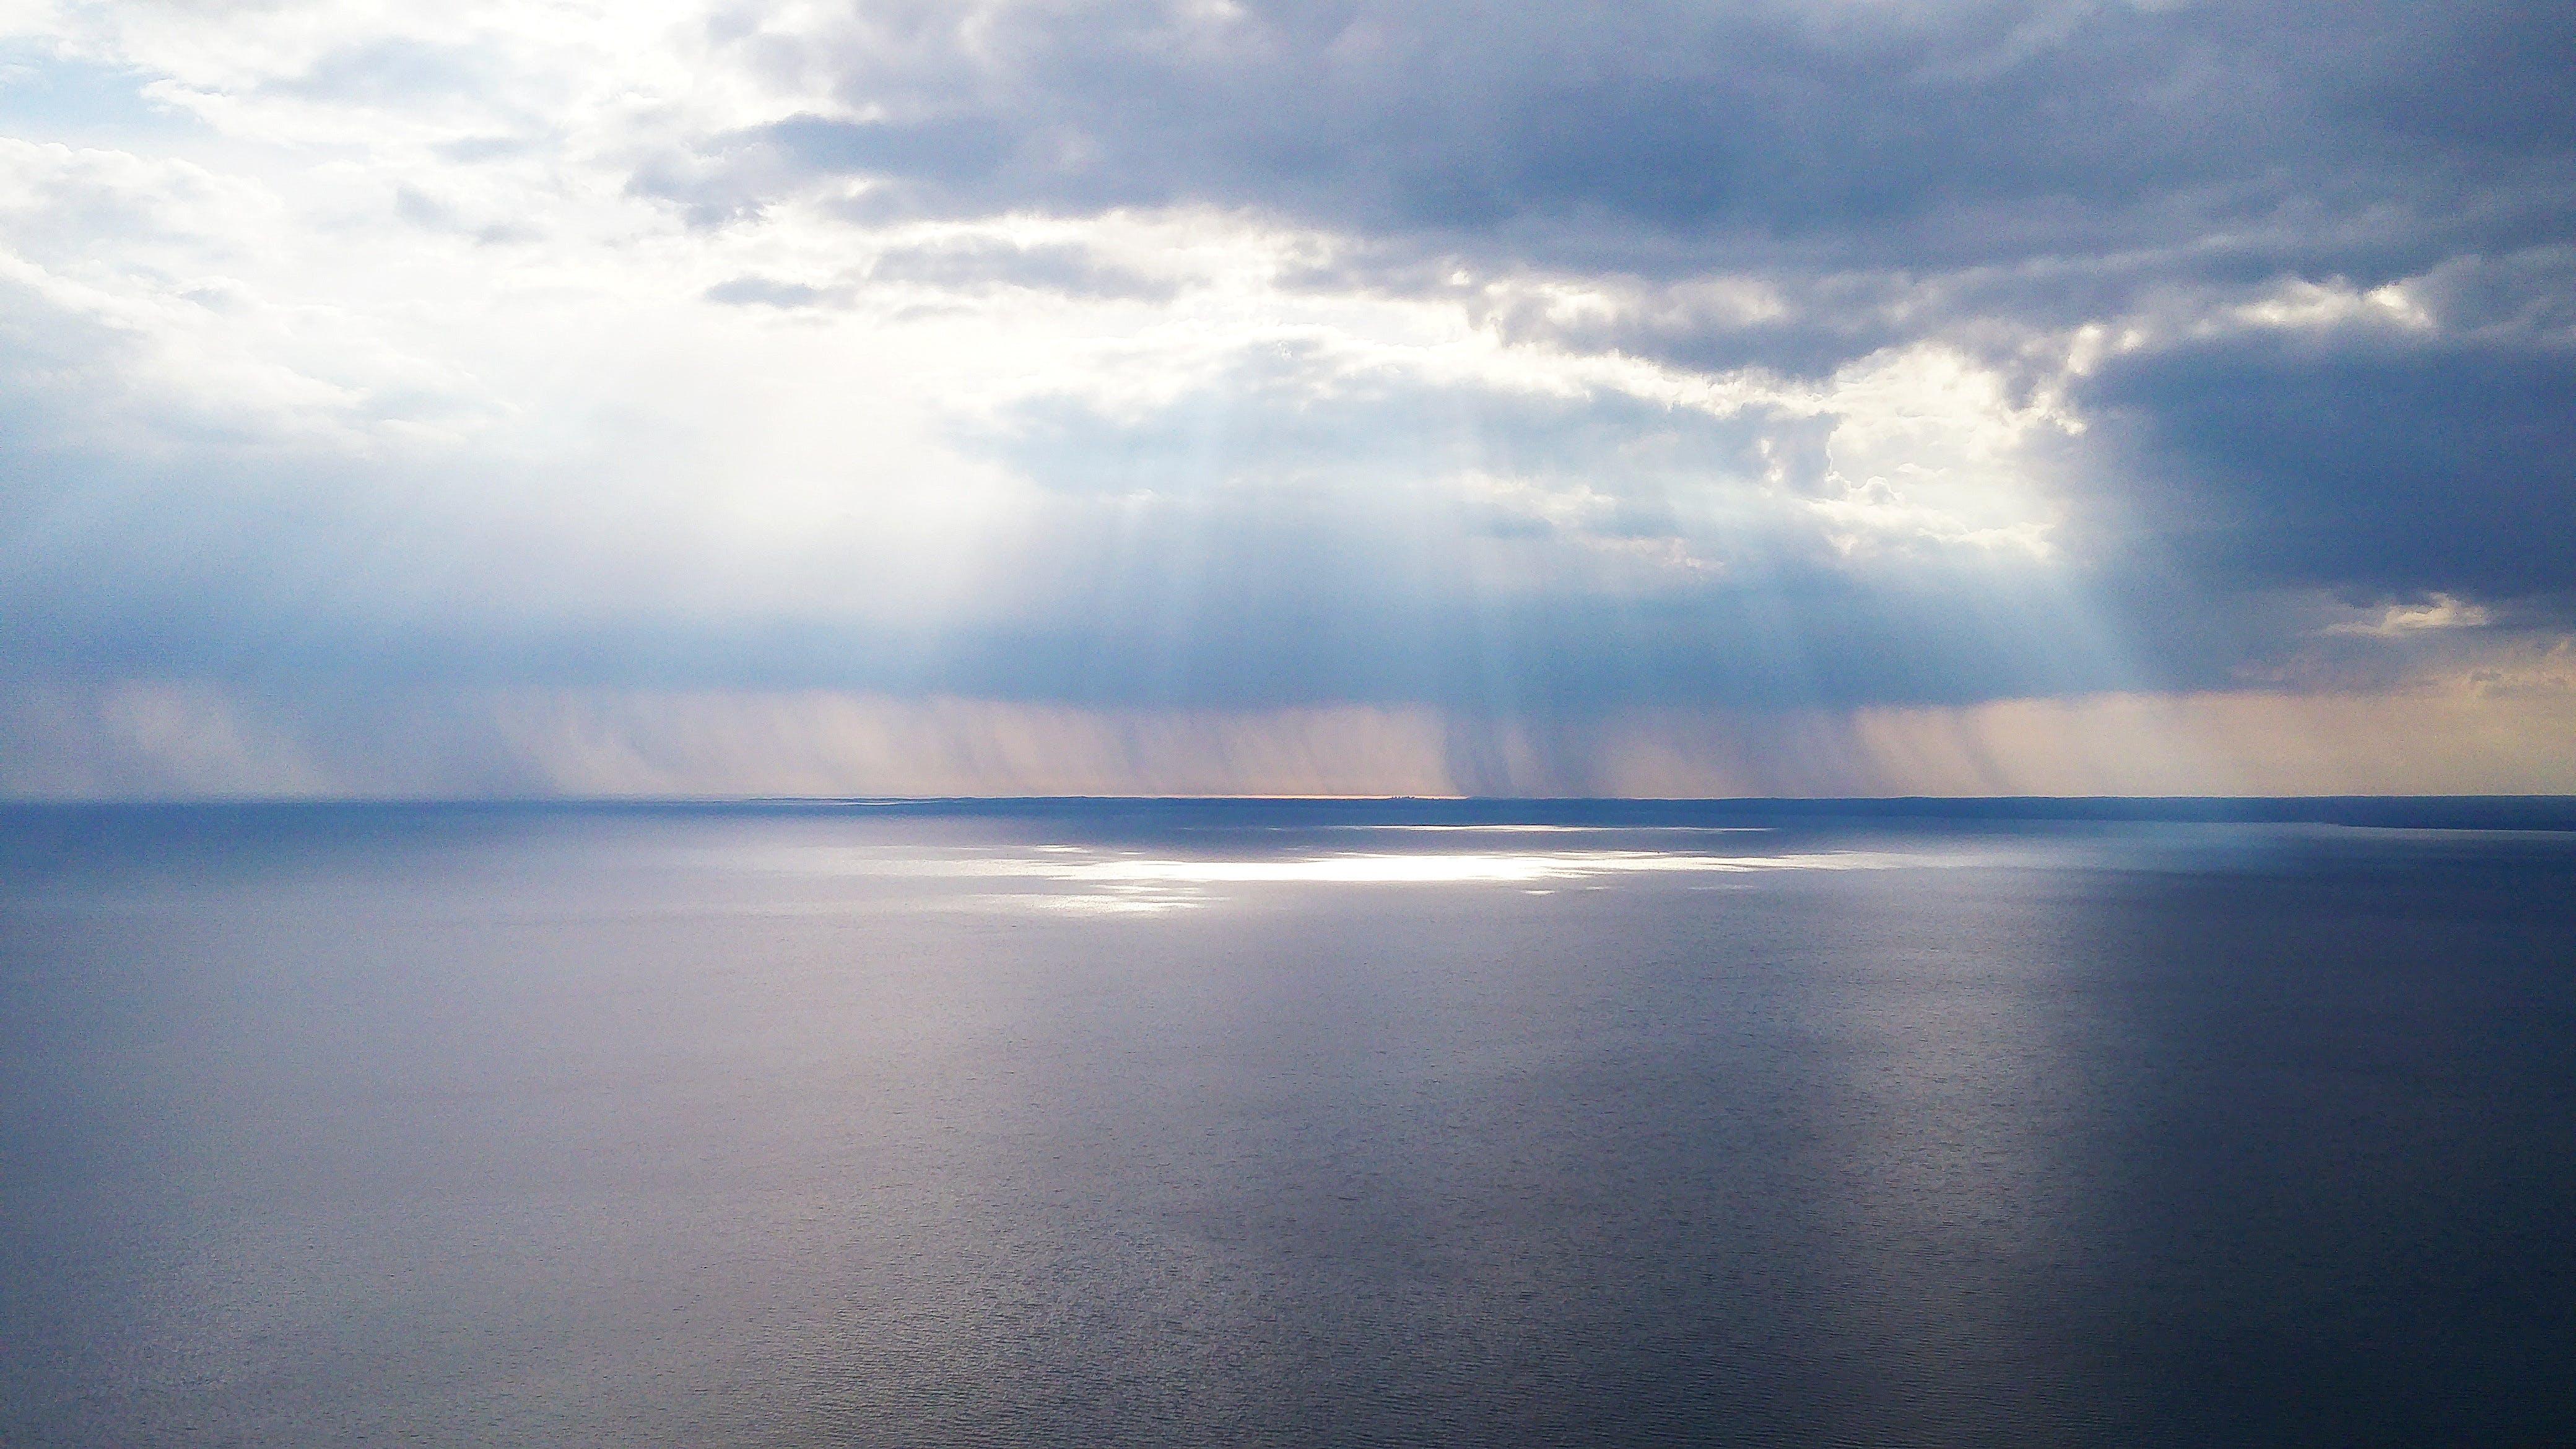 açık hava, bulutlar, deniz, deniz manzarası içeren Ücretsiz stok fotoğraf